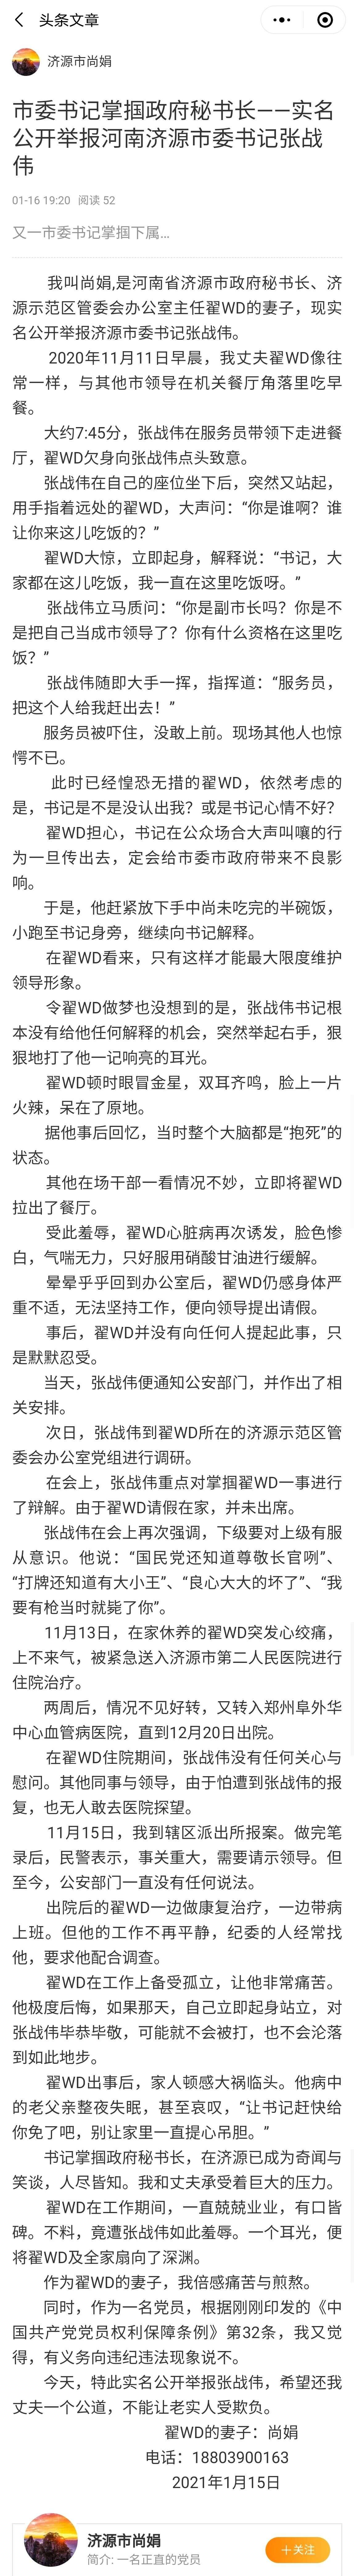 讨宾塔奇的欢心_网站排名李守洪排名大师_广州竞价